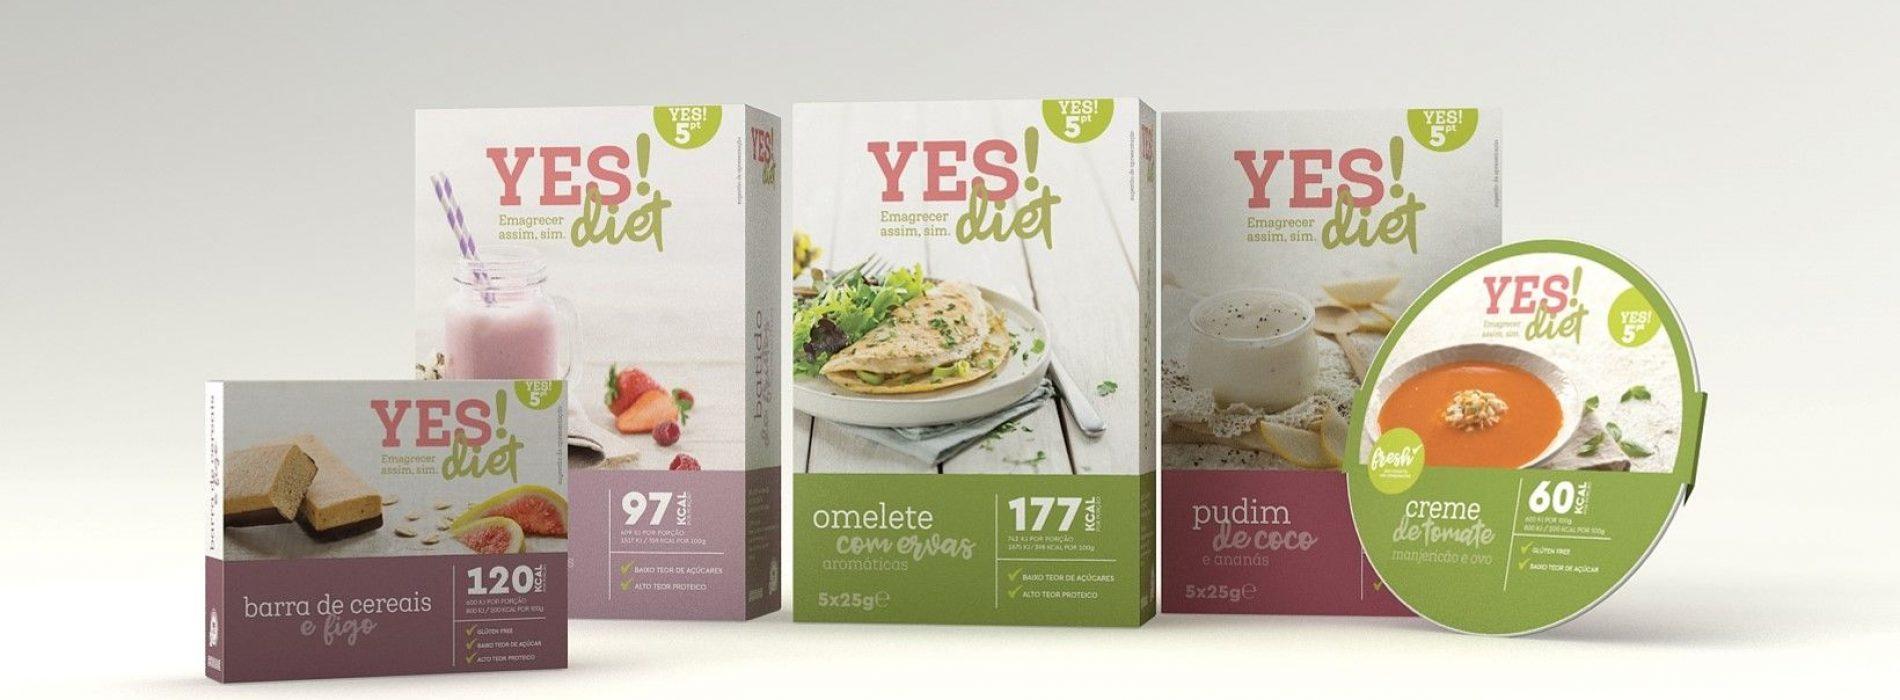 Well's lança marca própria de dieta de emagrecimento